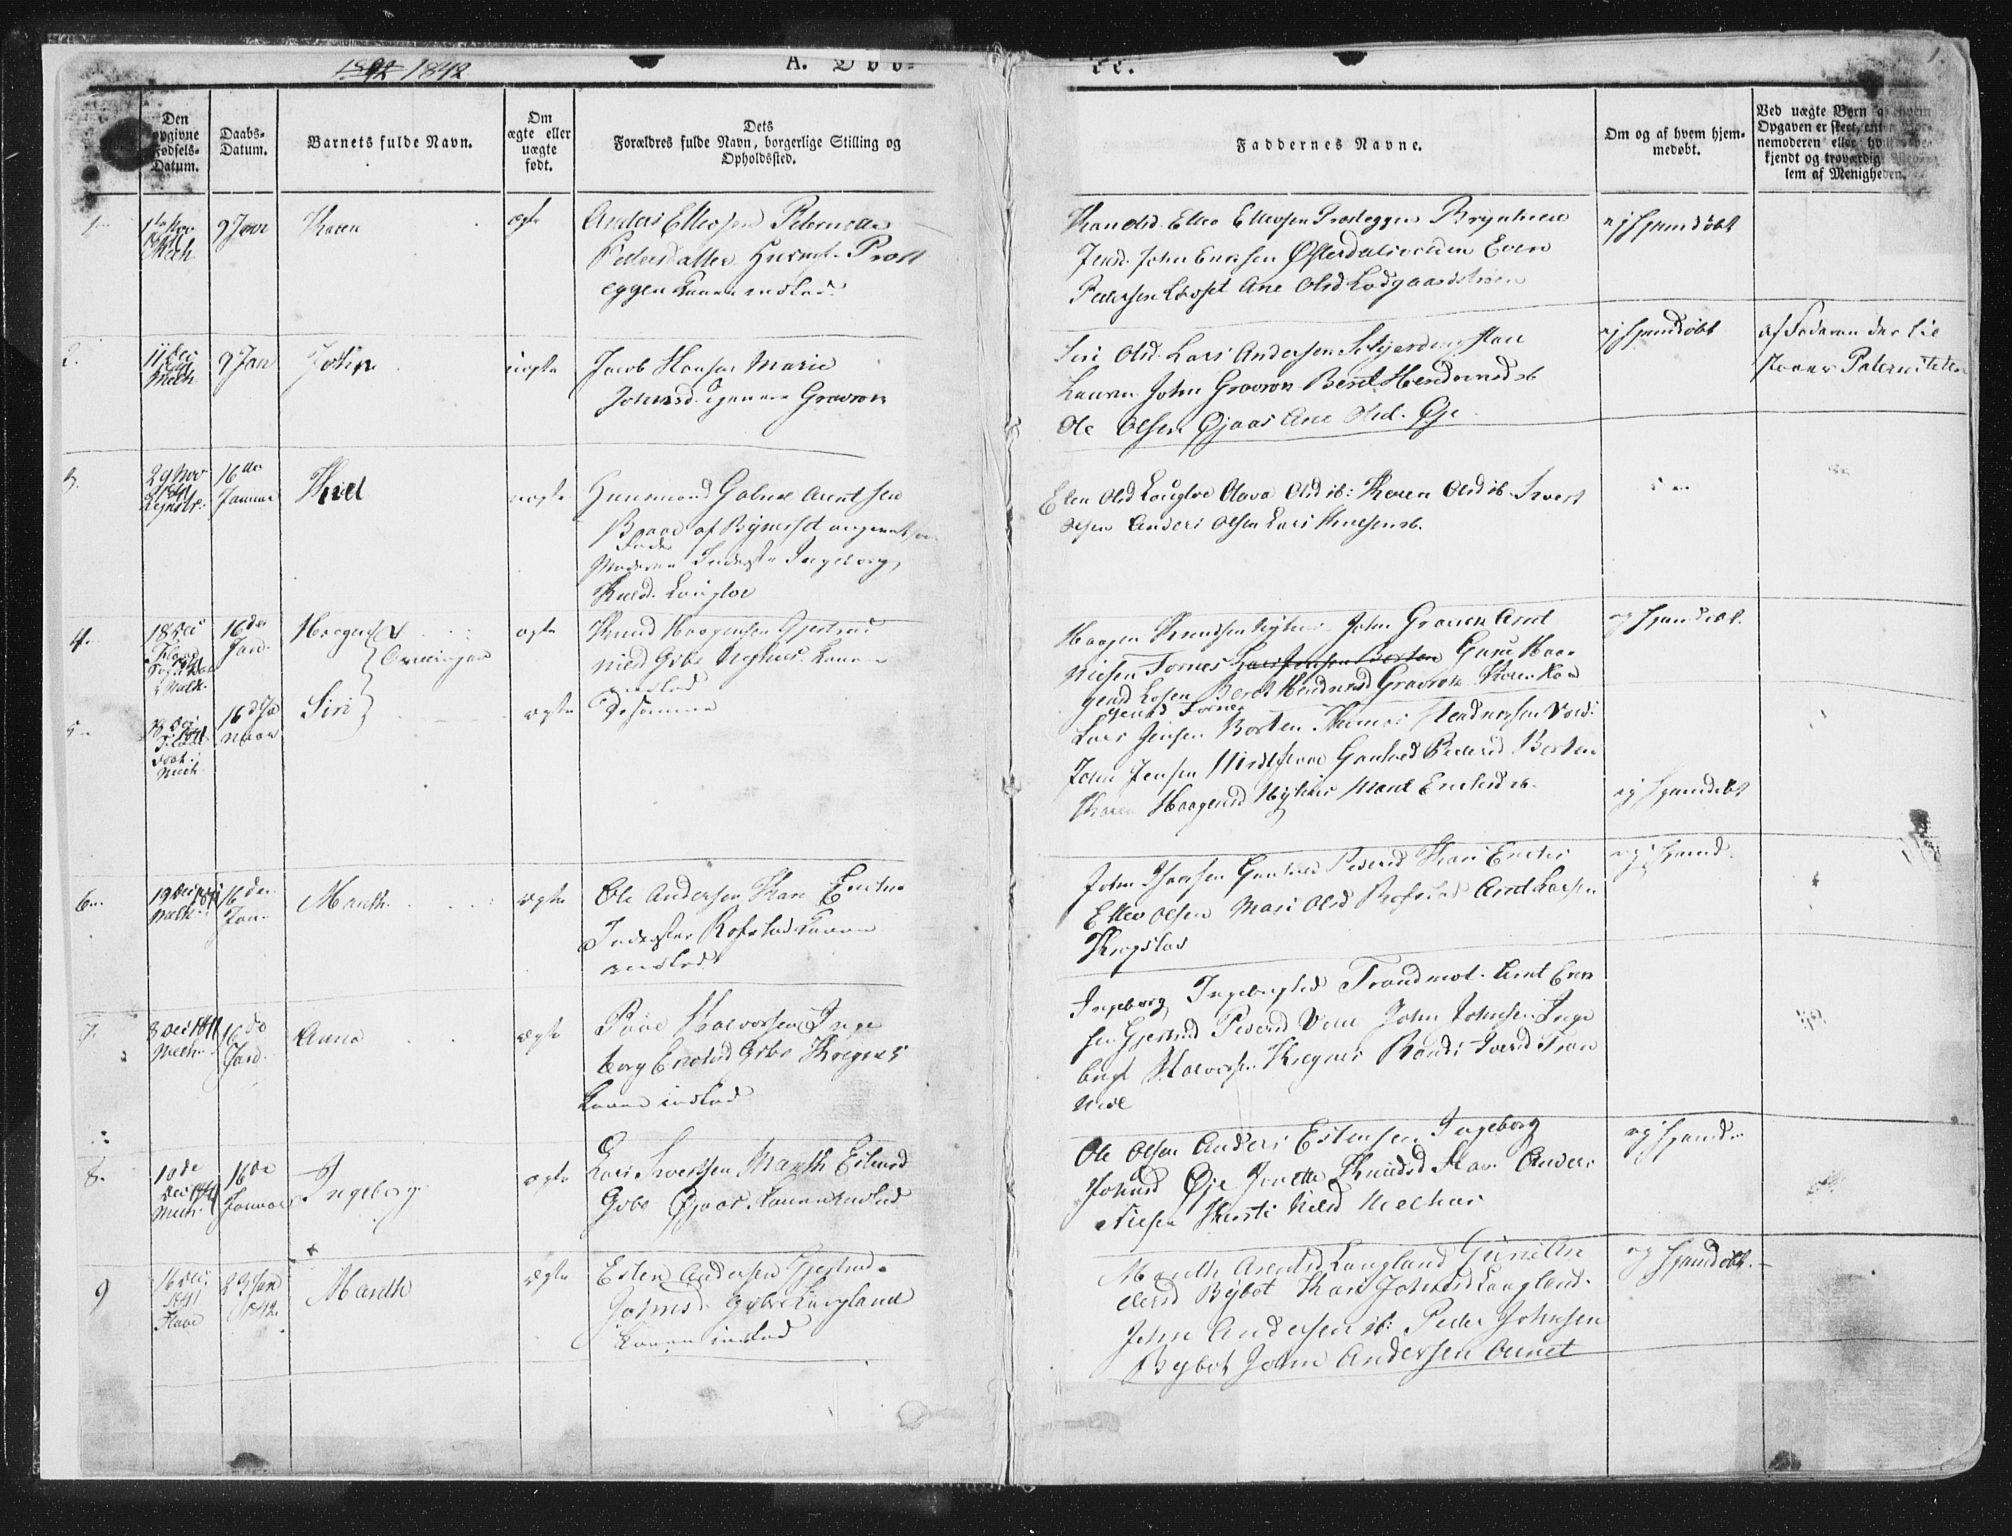 SAT, Ministerialprotokoller, klokkerbøker og fødselsregistre - Sør-Trøndelag, 691/L1074: Ministerialbok nr. 691A06, 1842-1852, s. 1